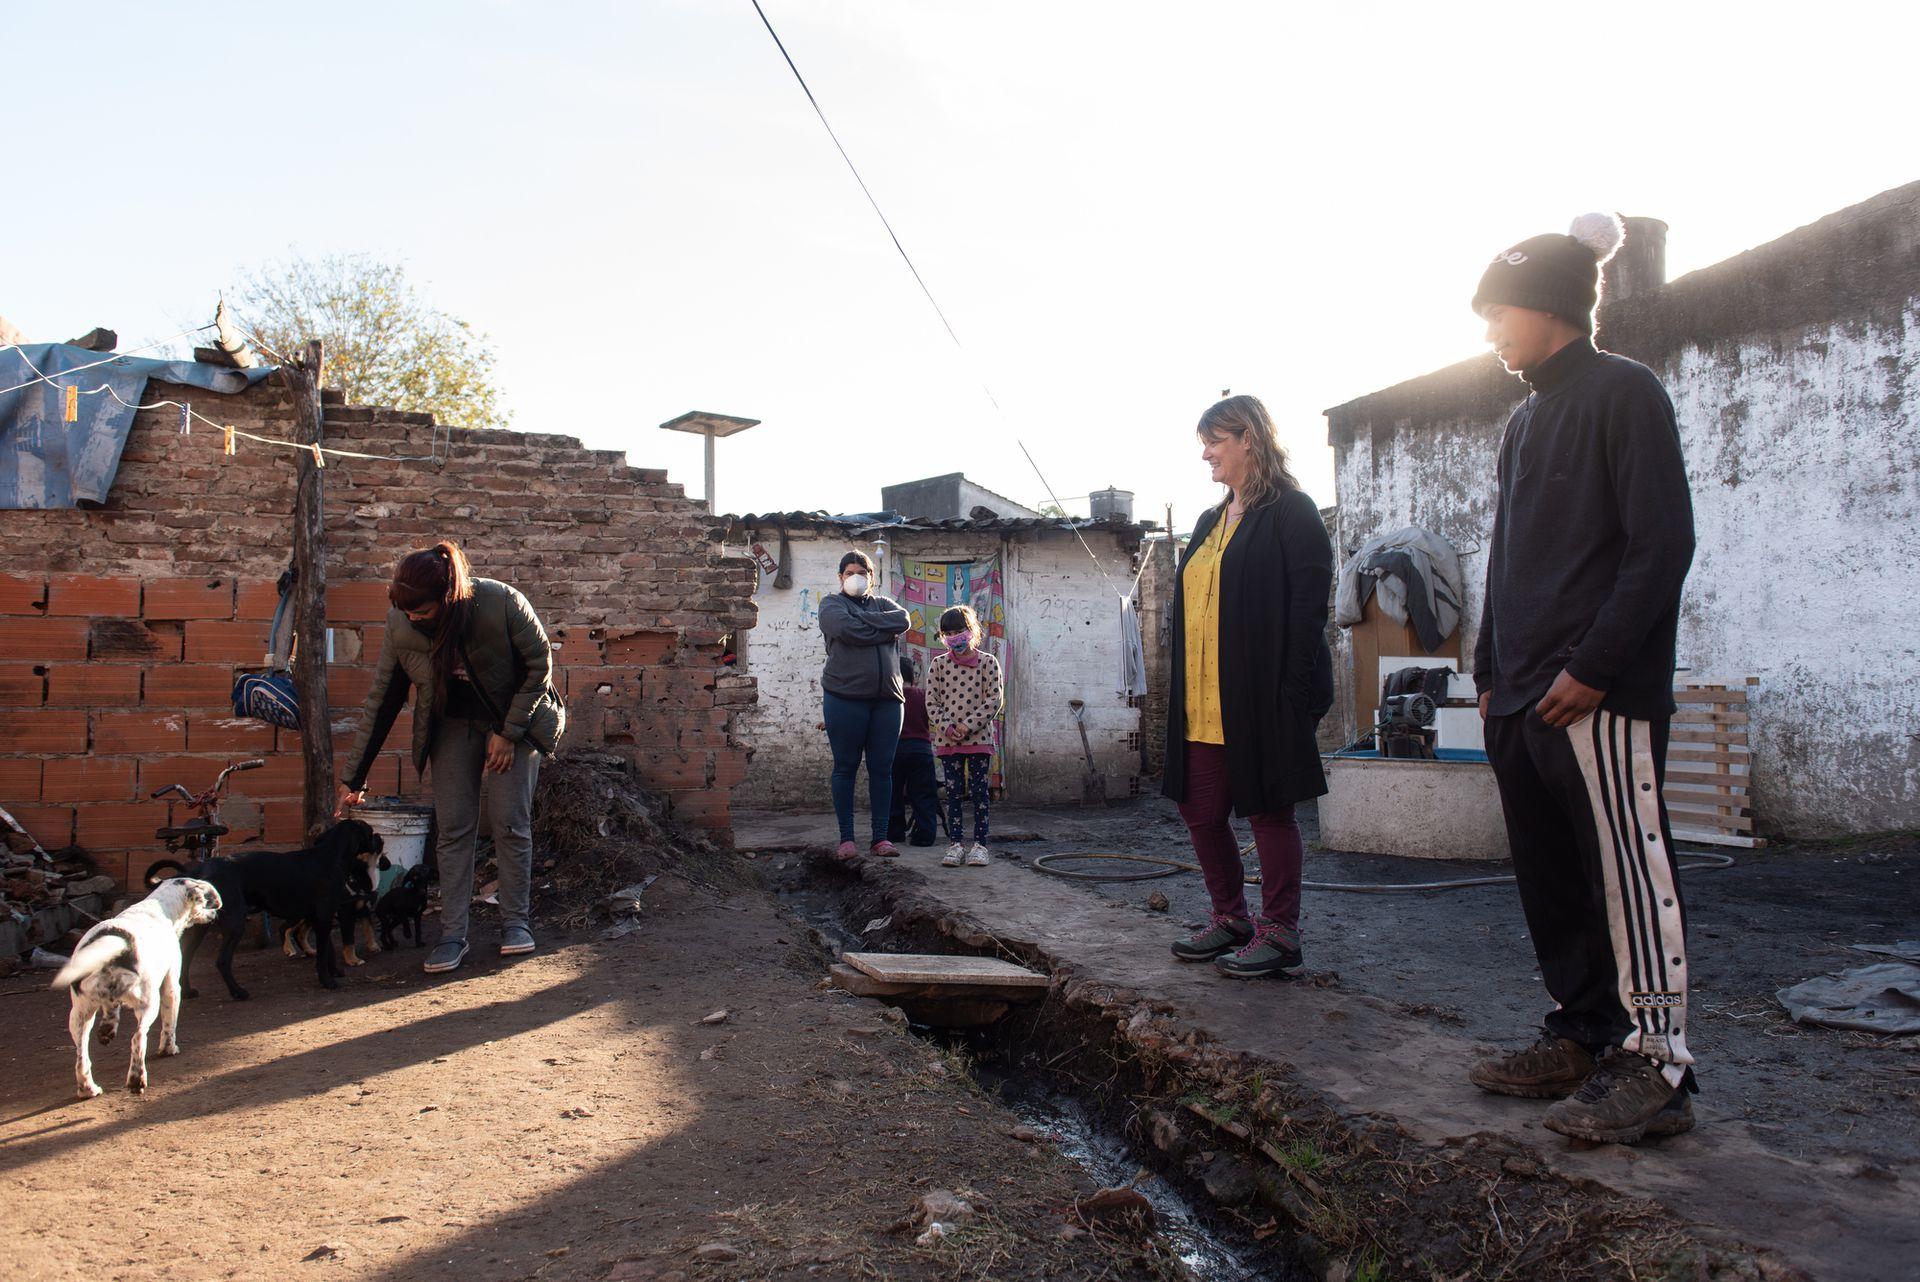 Paula Iglesias Brickles visita la casa en la que Sergio Geraci vive junto a su mamá y sus ocho hermanos